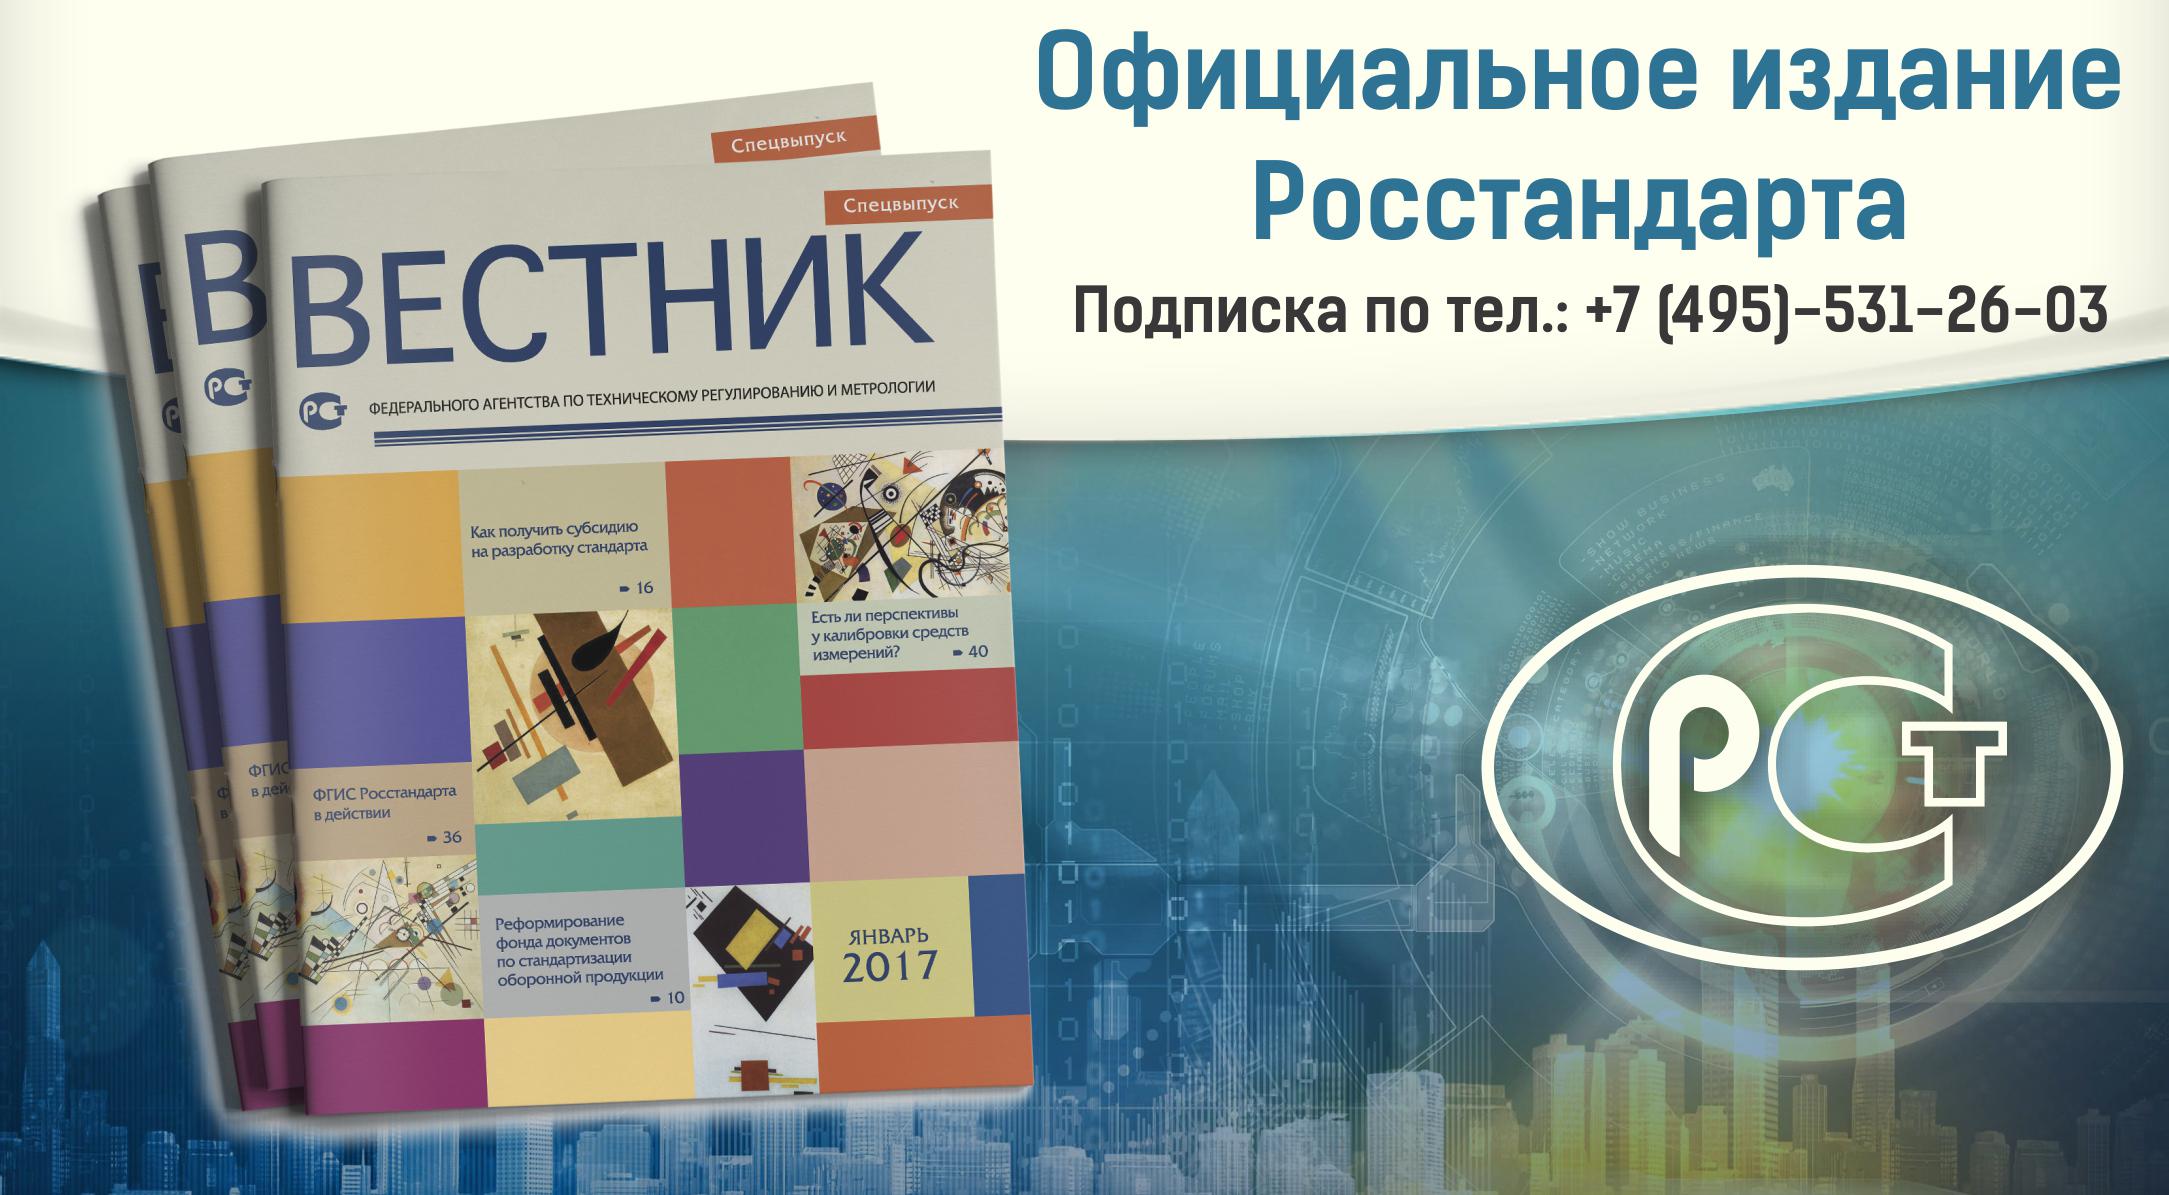 «Вестник Росстандарта»: новый формат – новые возможности